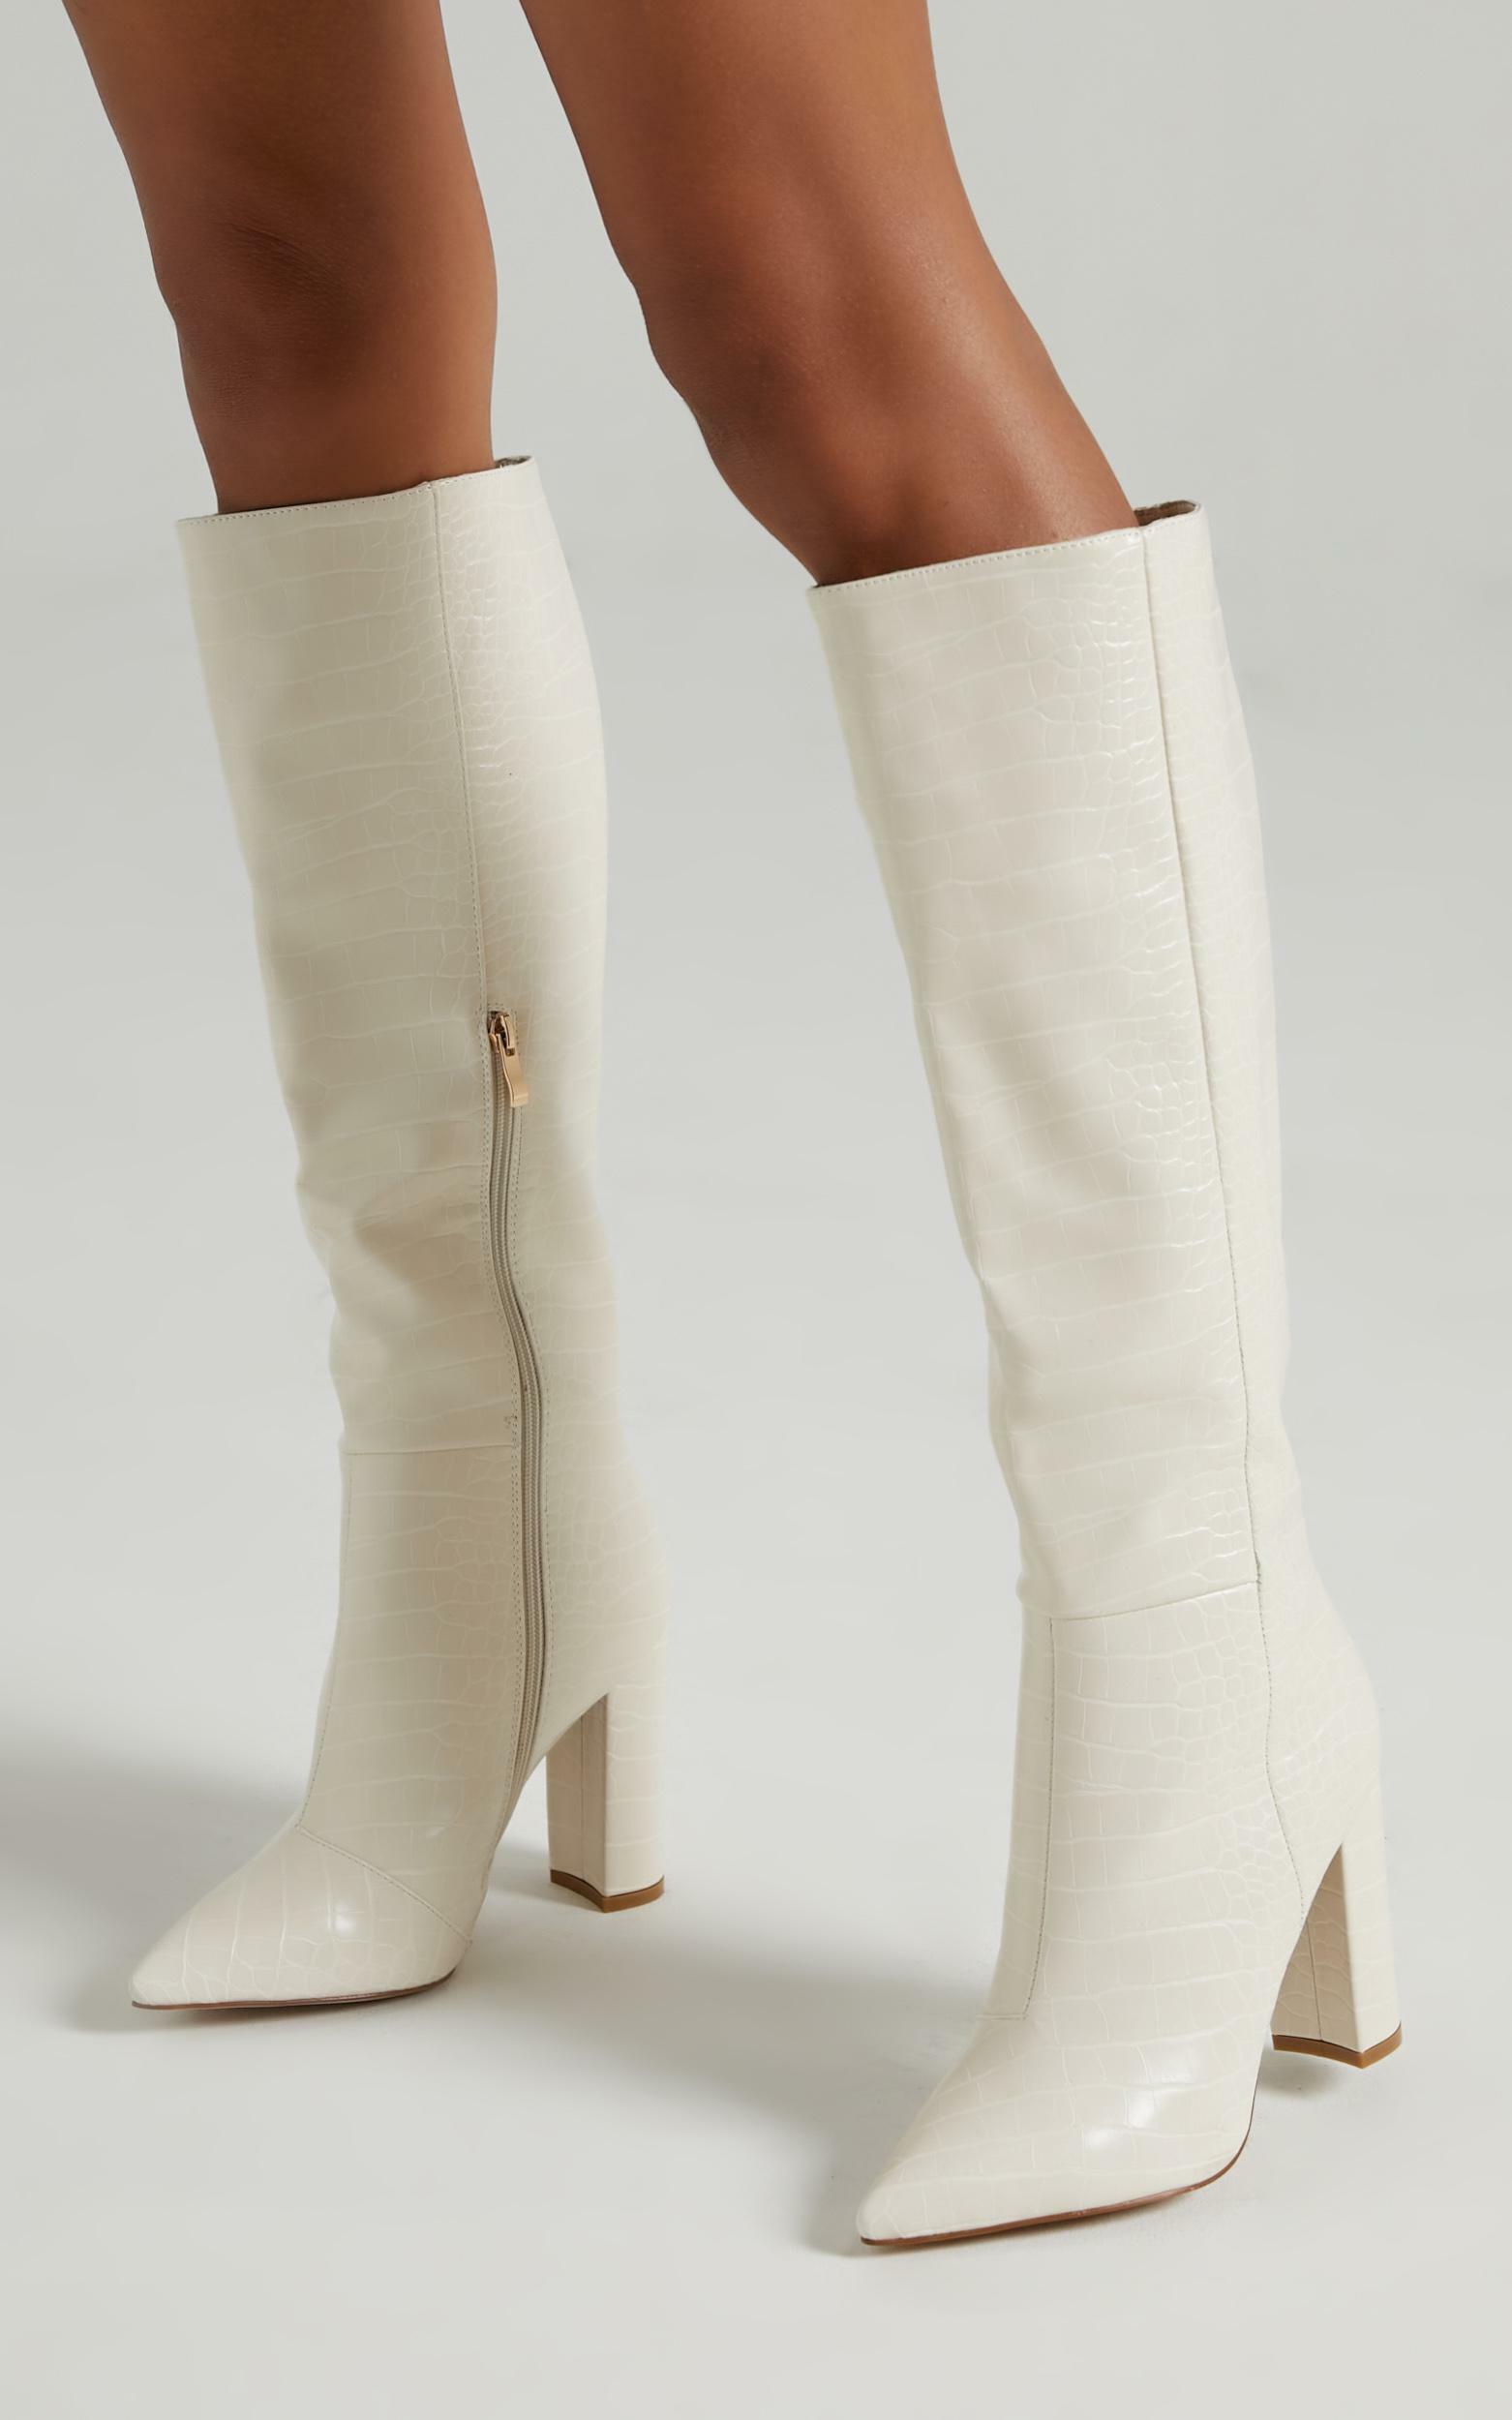 Billini - Milla Boots in Bone Croc - 5, Cream, hi-res image number null